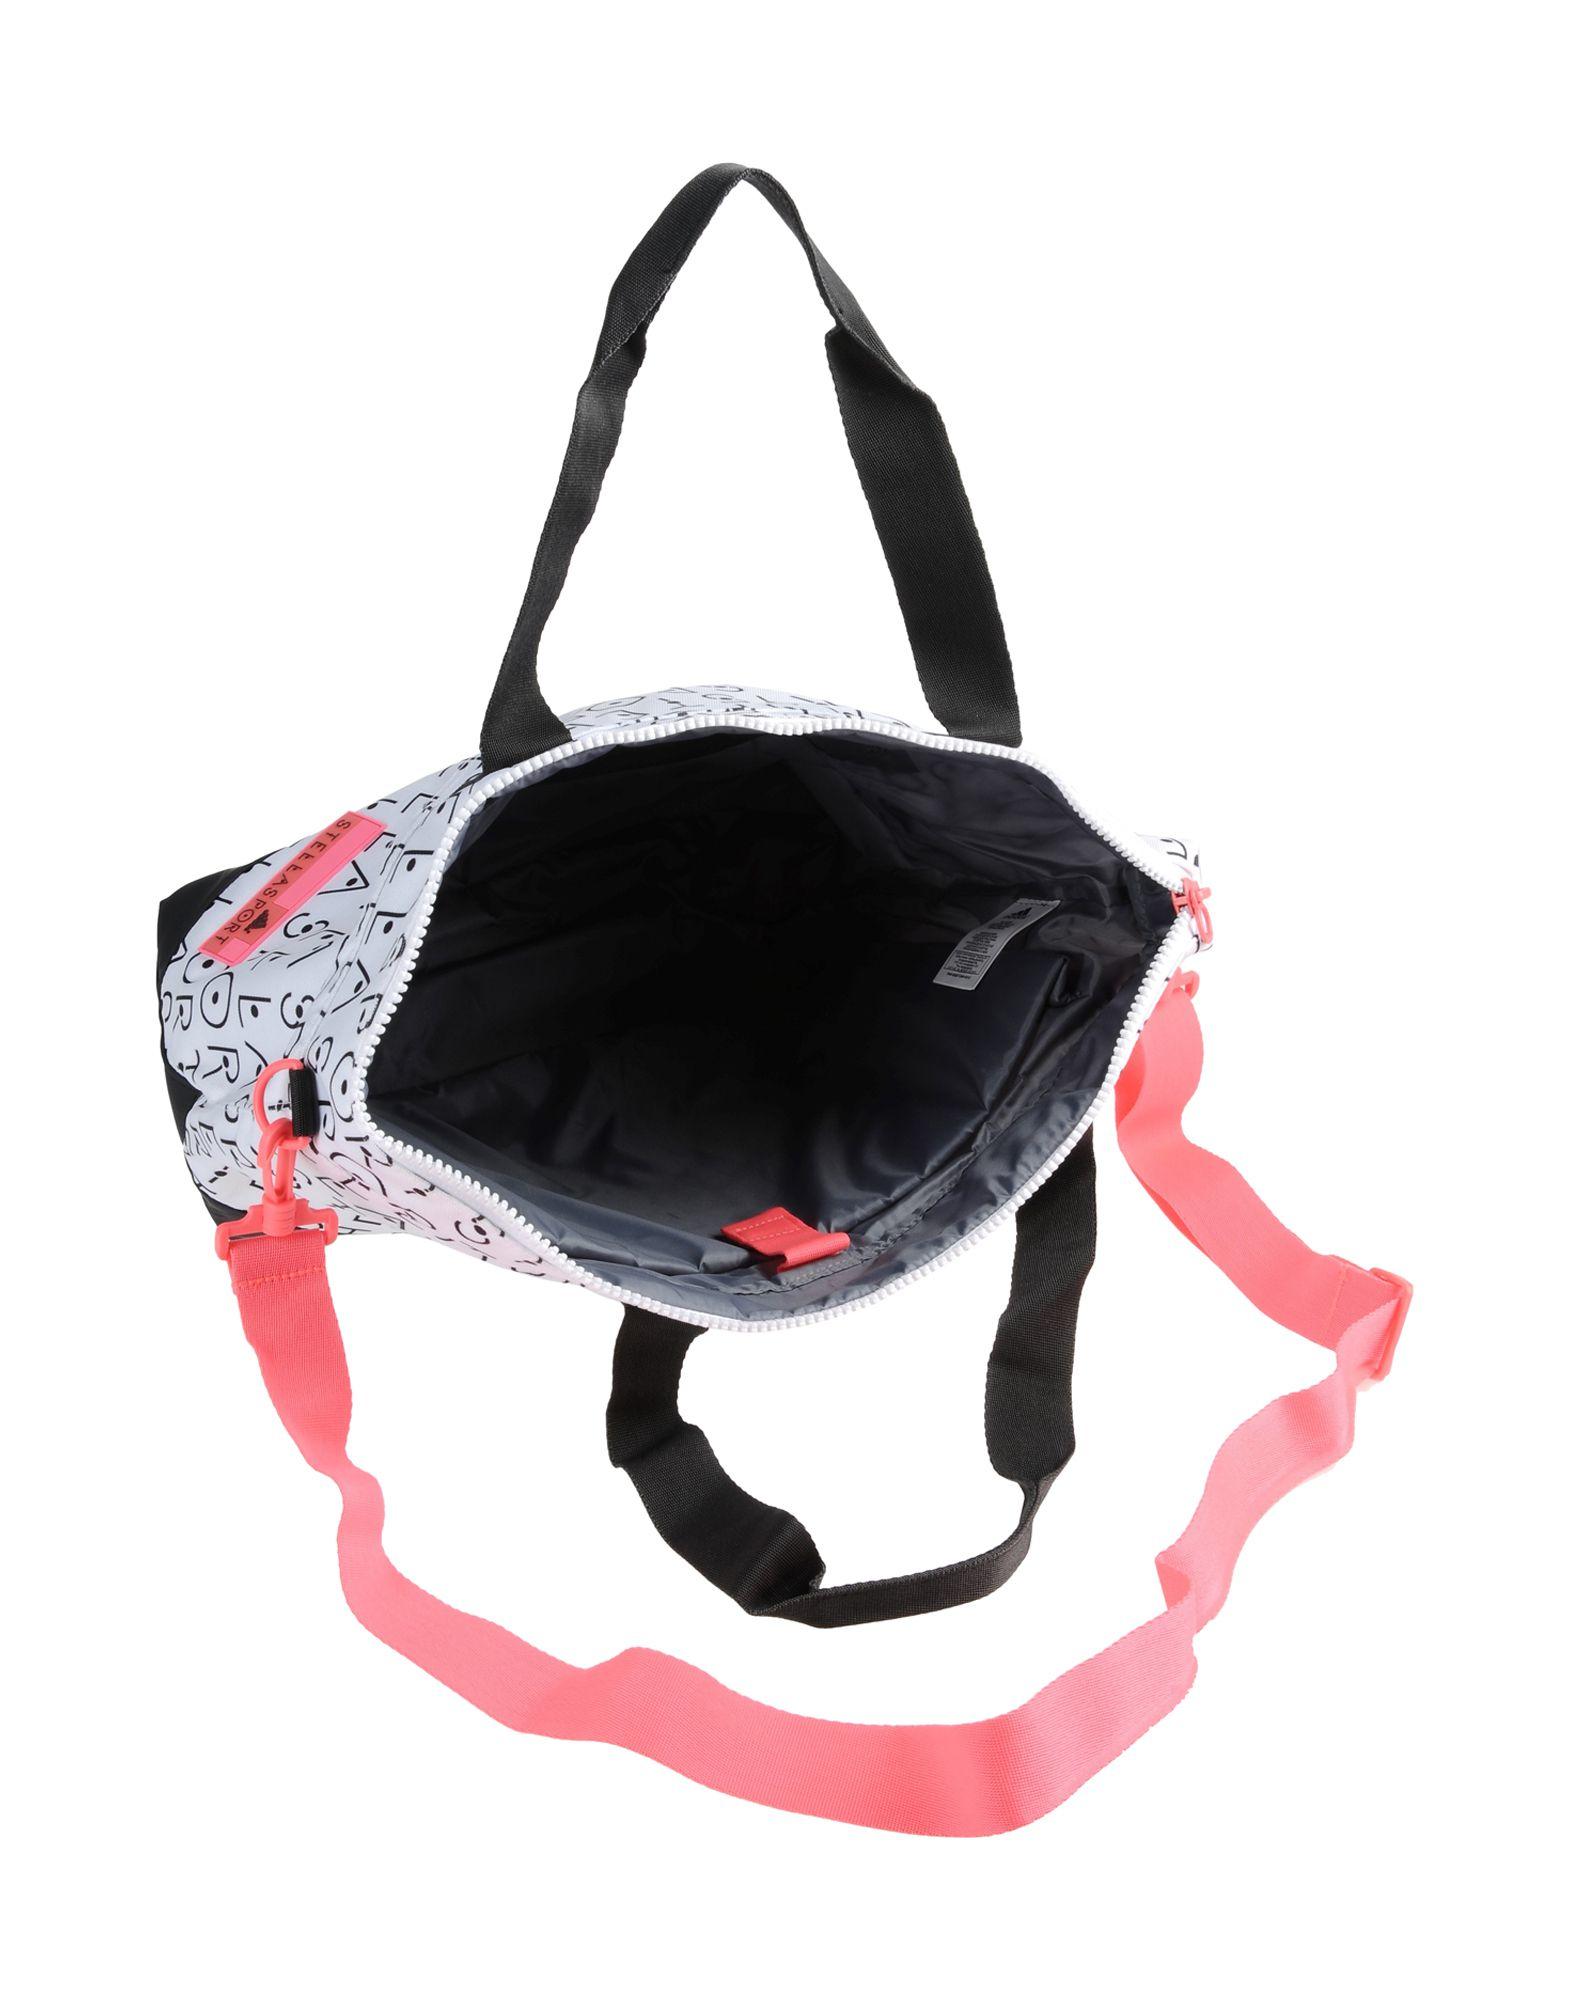 cefbd4bb01 adidas By Stella McCartney Handbag in Black - Lyst